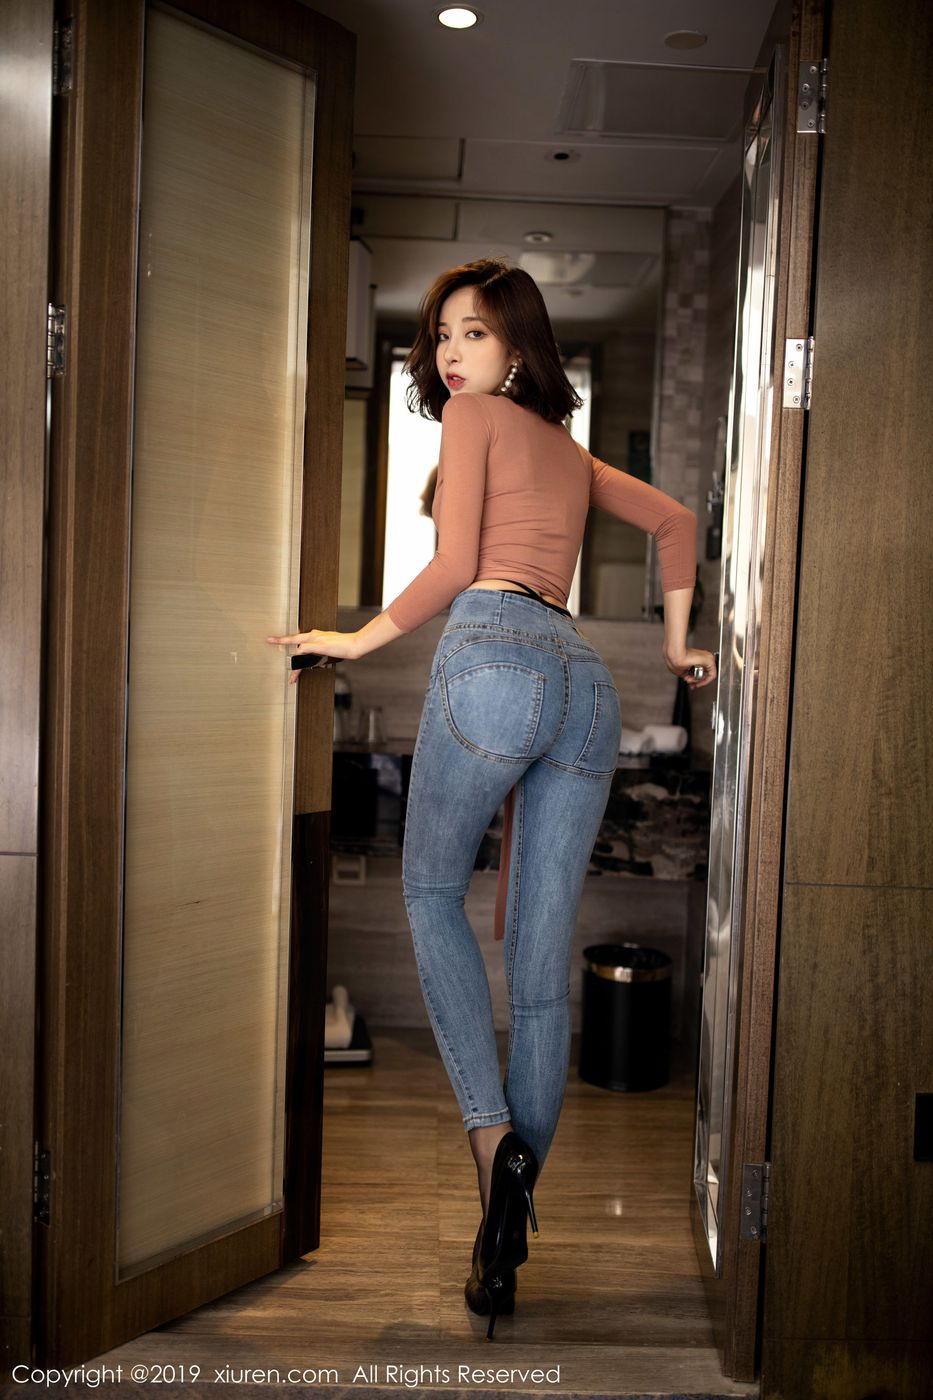 黑丝美腿内衣诱惑冷艳美女牛仔裤美女模特秀人网-[陈小喵]超高清写真图片|1620392412更新